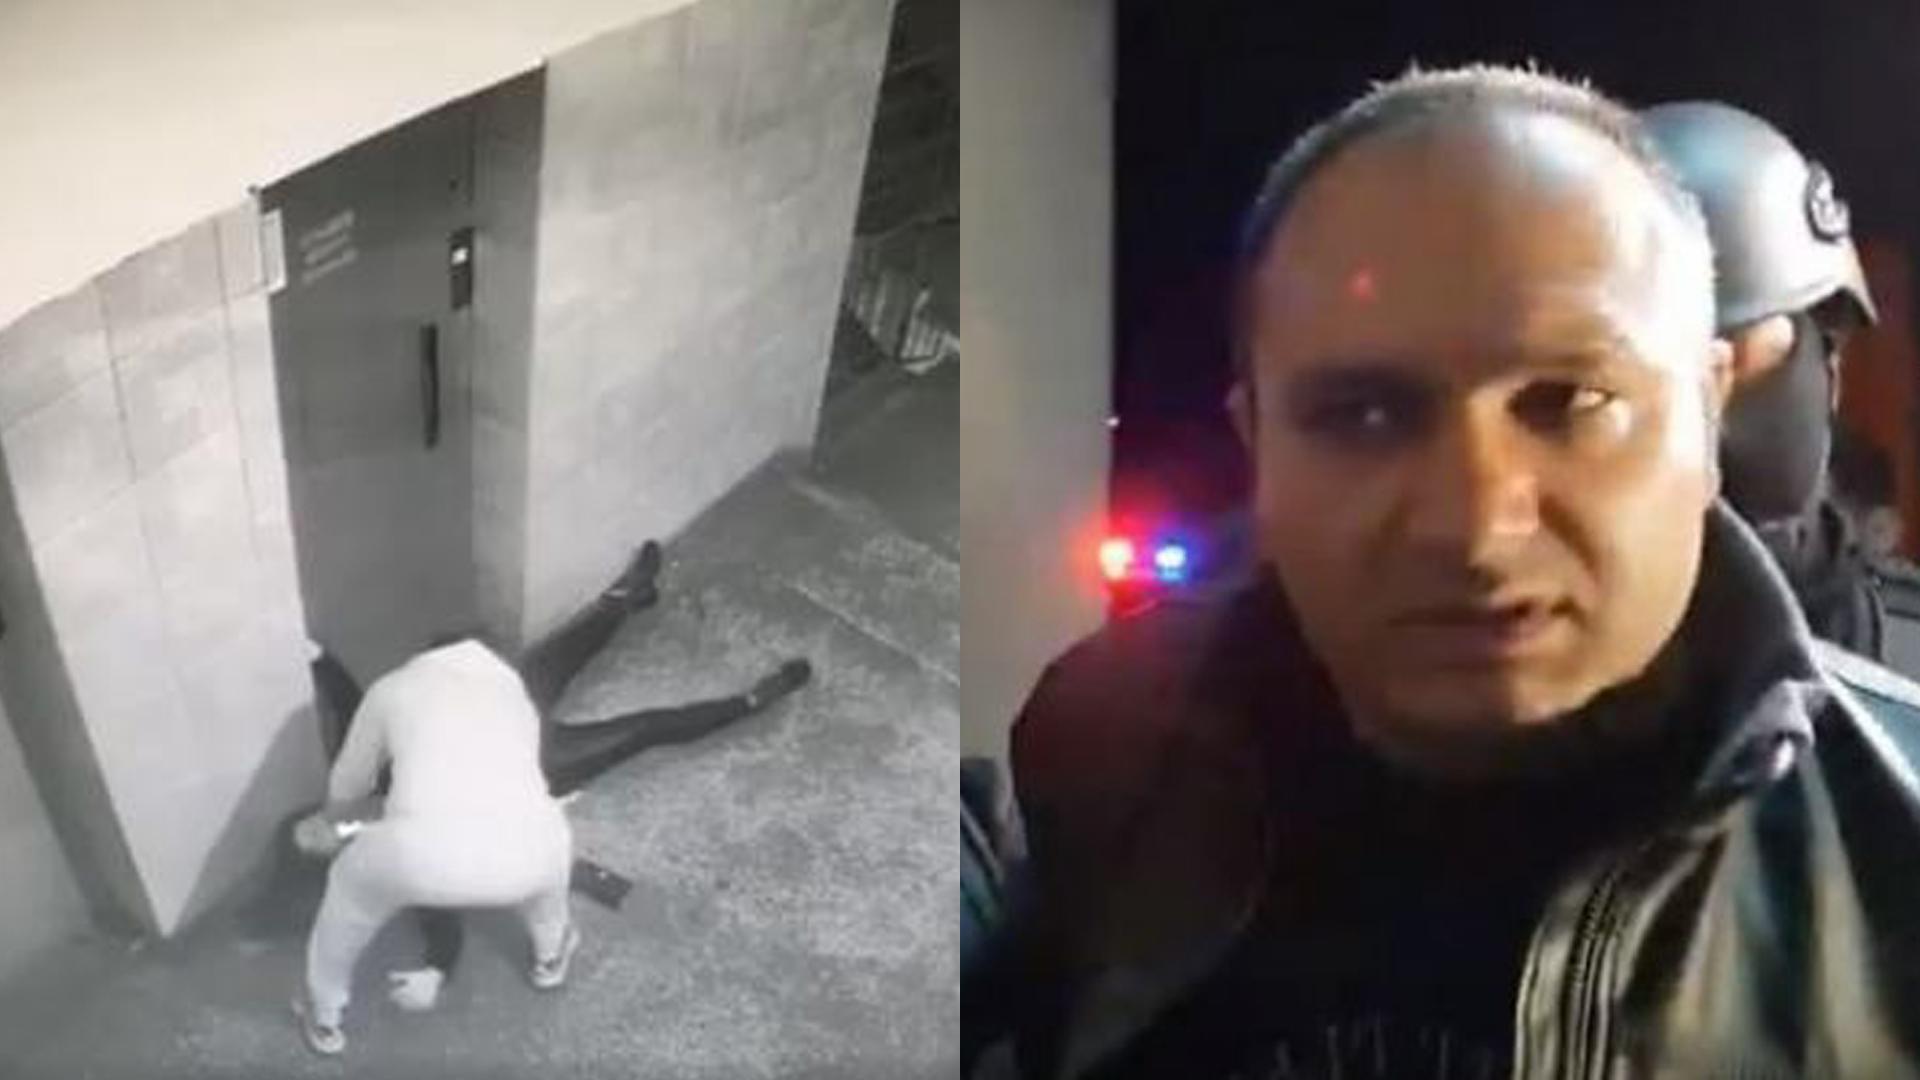 Individul care a bătut cu sălbăticie o tânără într-un bloc din Alba Iulia este recidivist eliberat recent în baza legii privind recursul compensatoriu